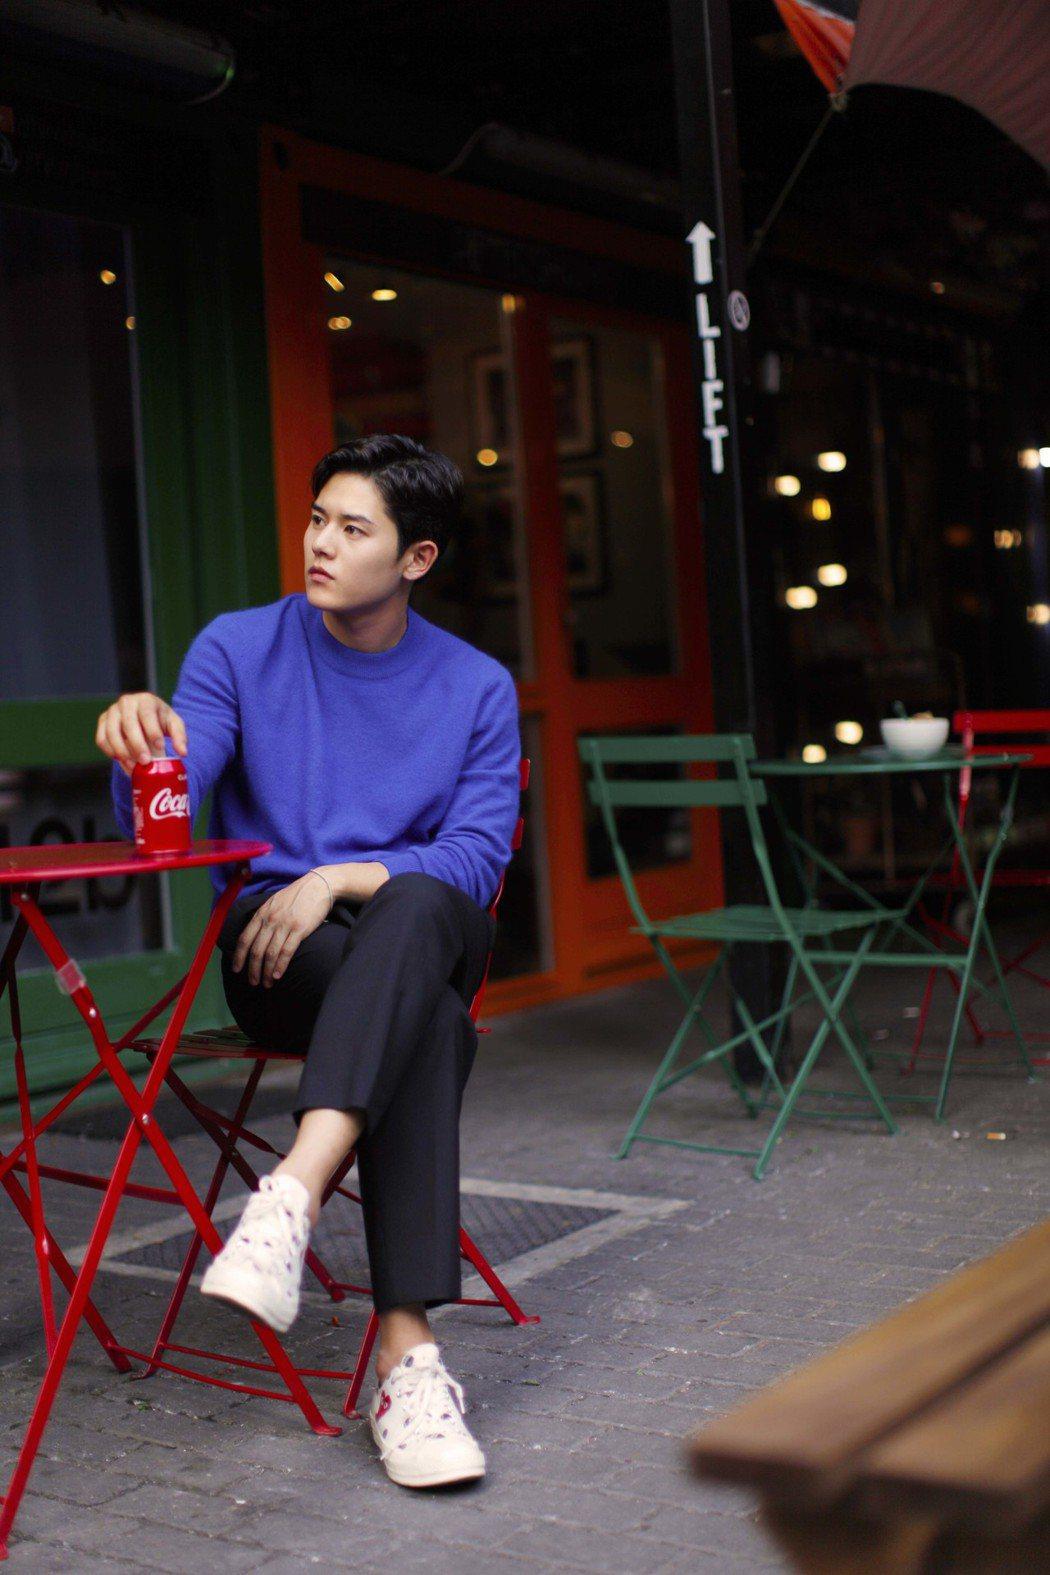 金桐俊將於10月15日在台舉辦粉絲見面會。圖/HNE ASIA 提供